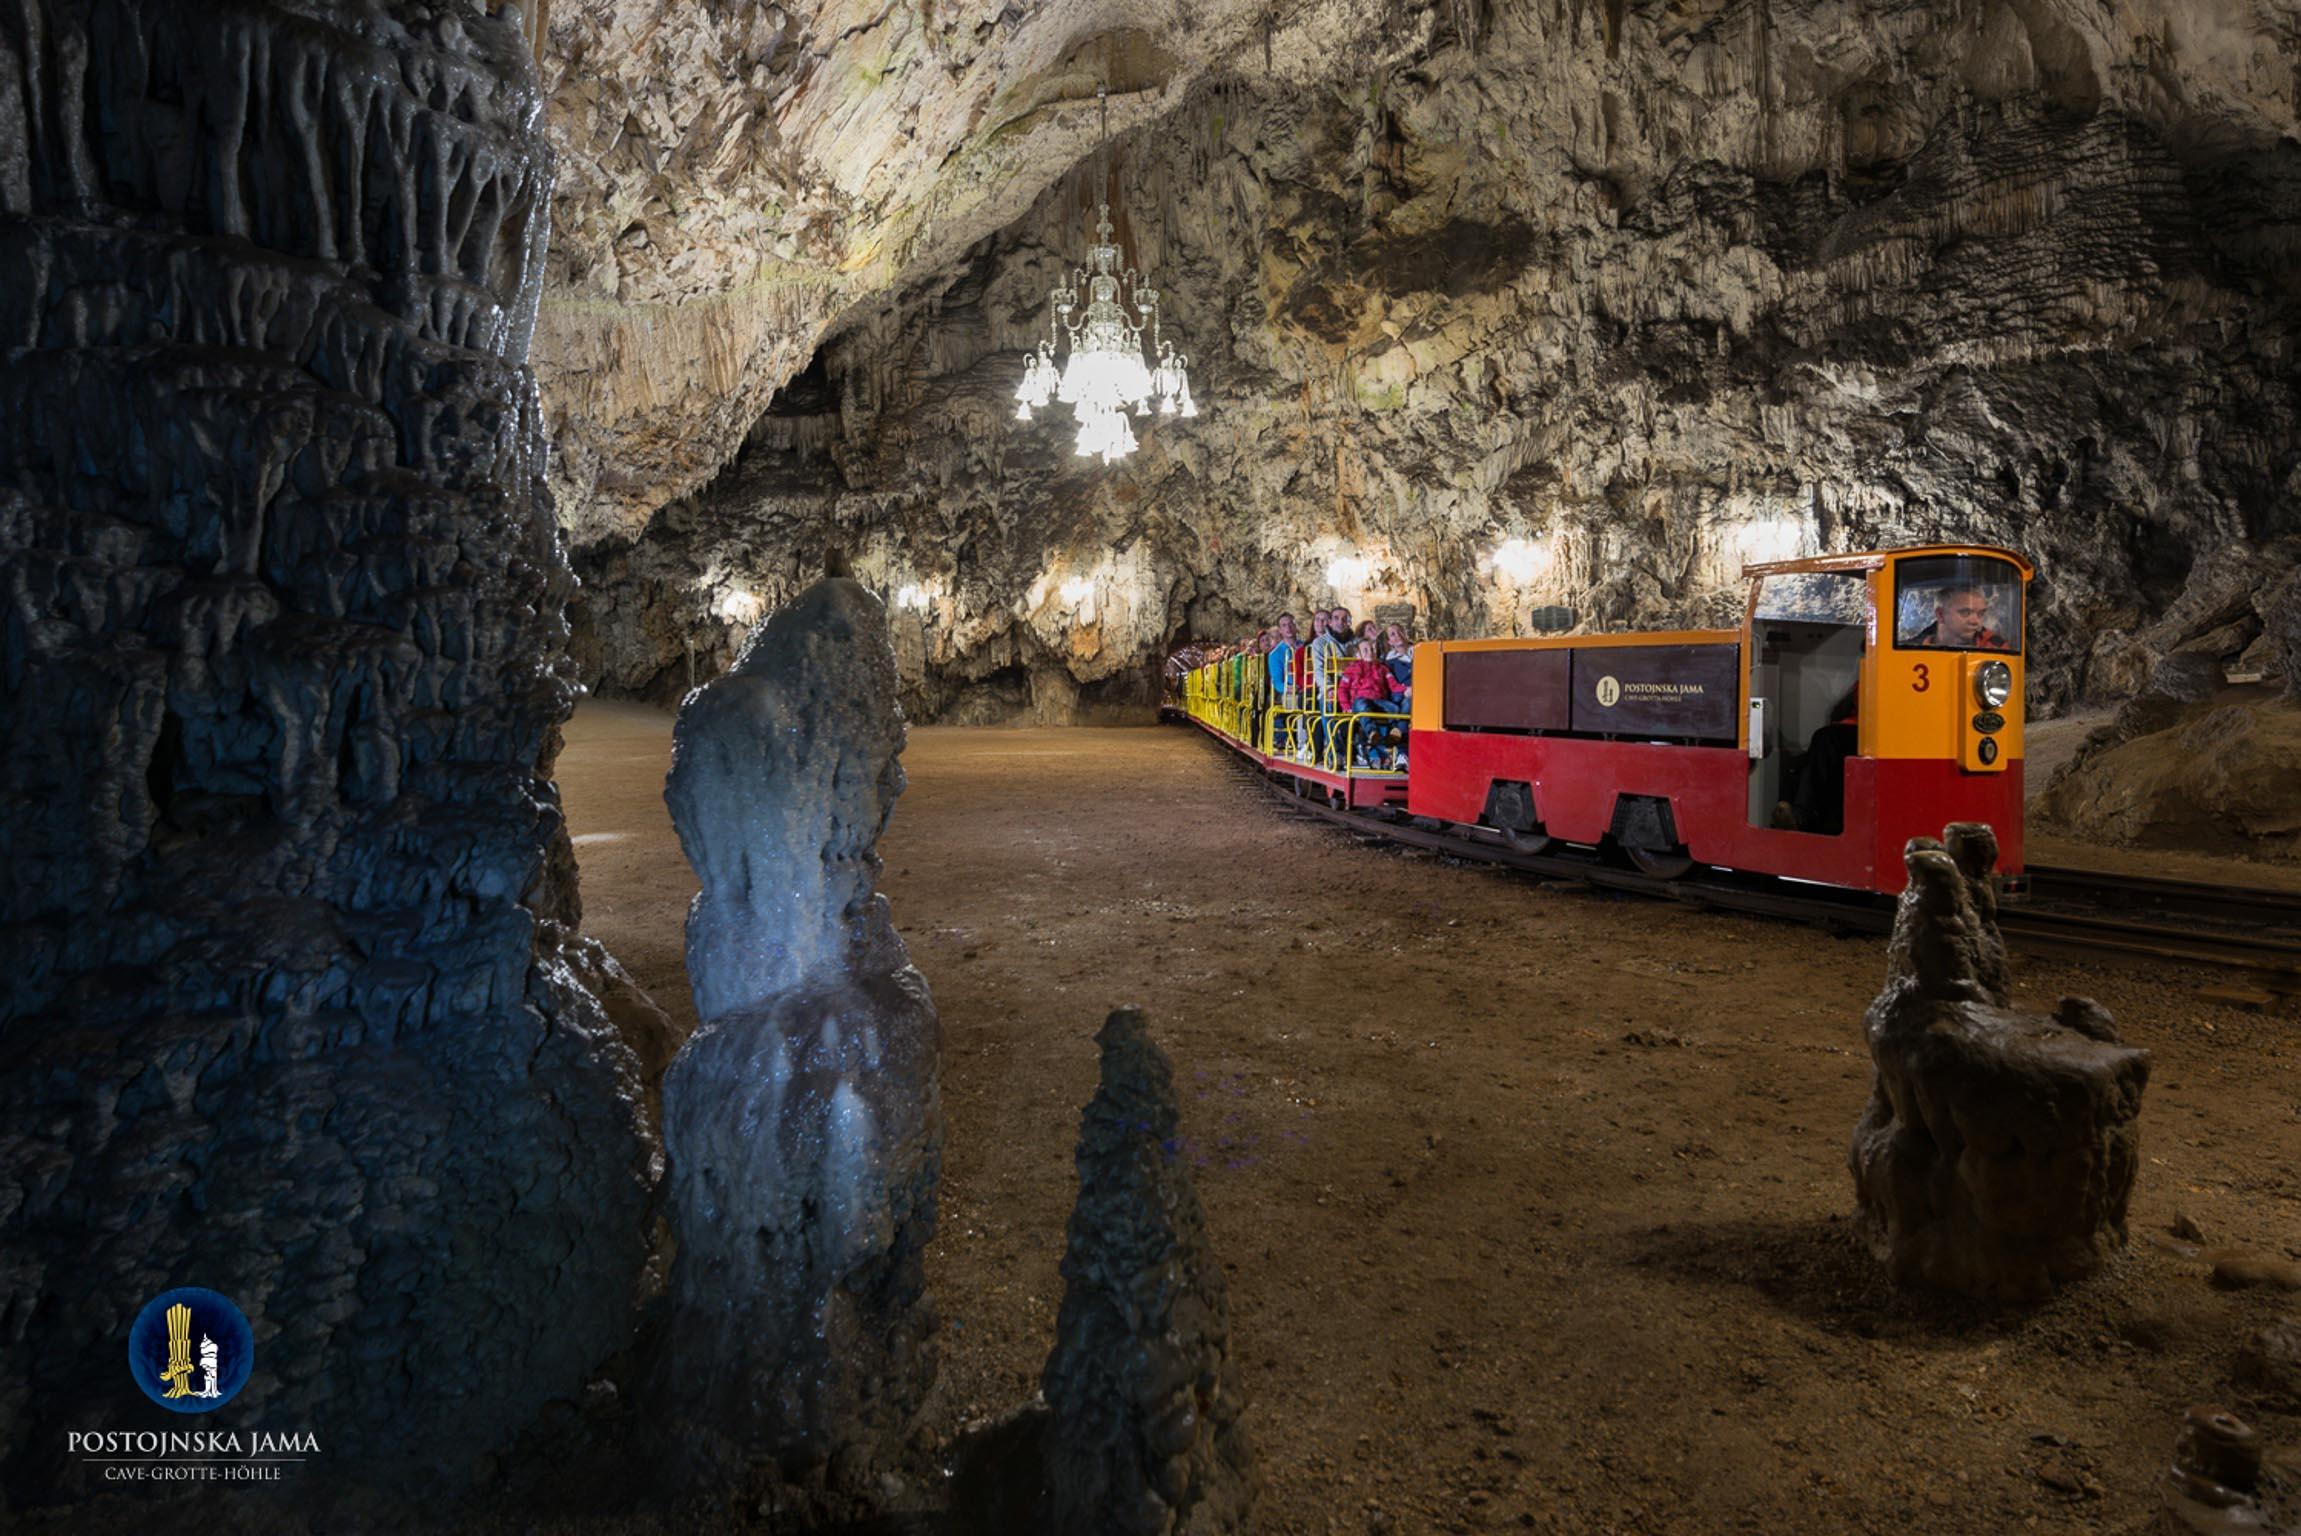 ll trenino sotterraneo delle Grotte di Postumia